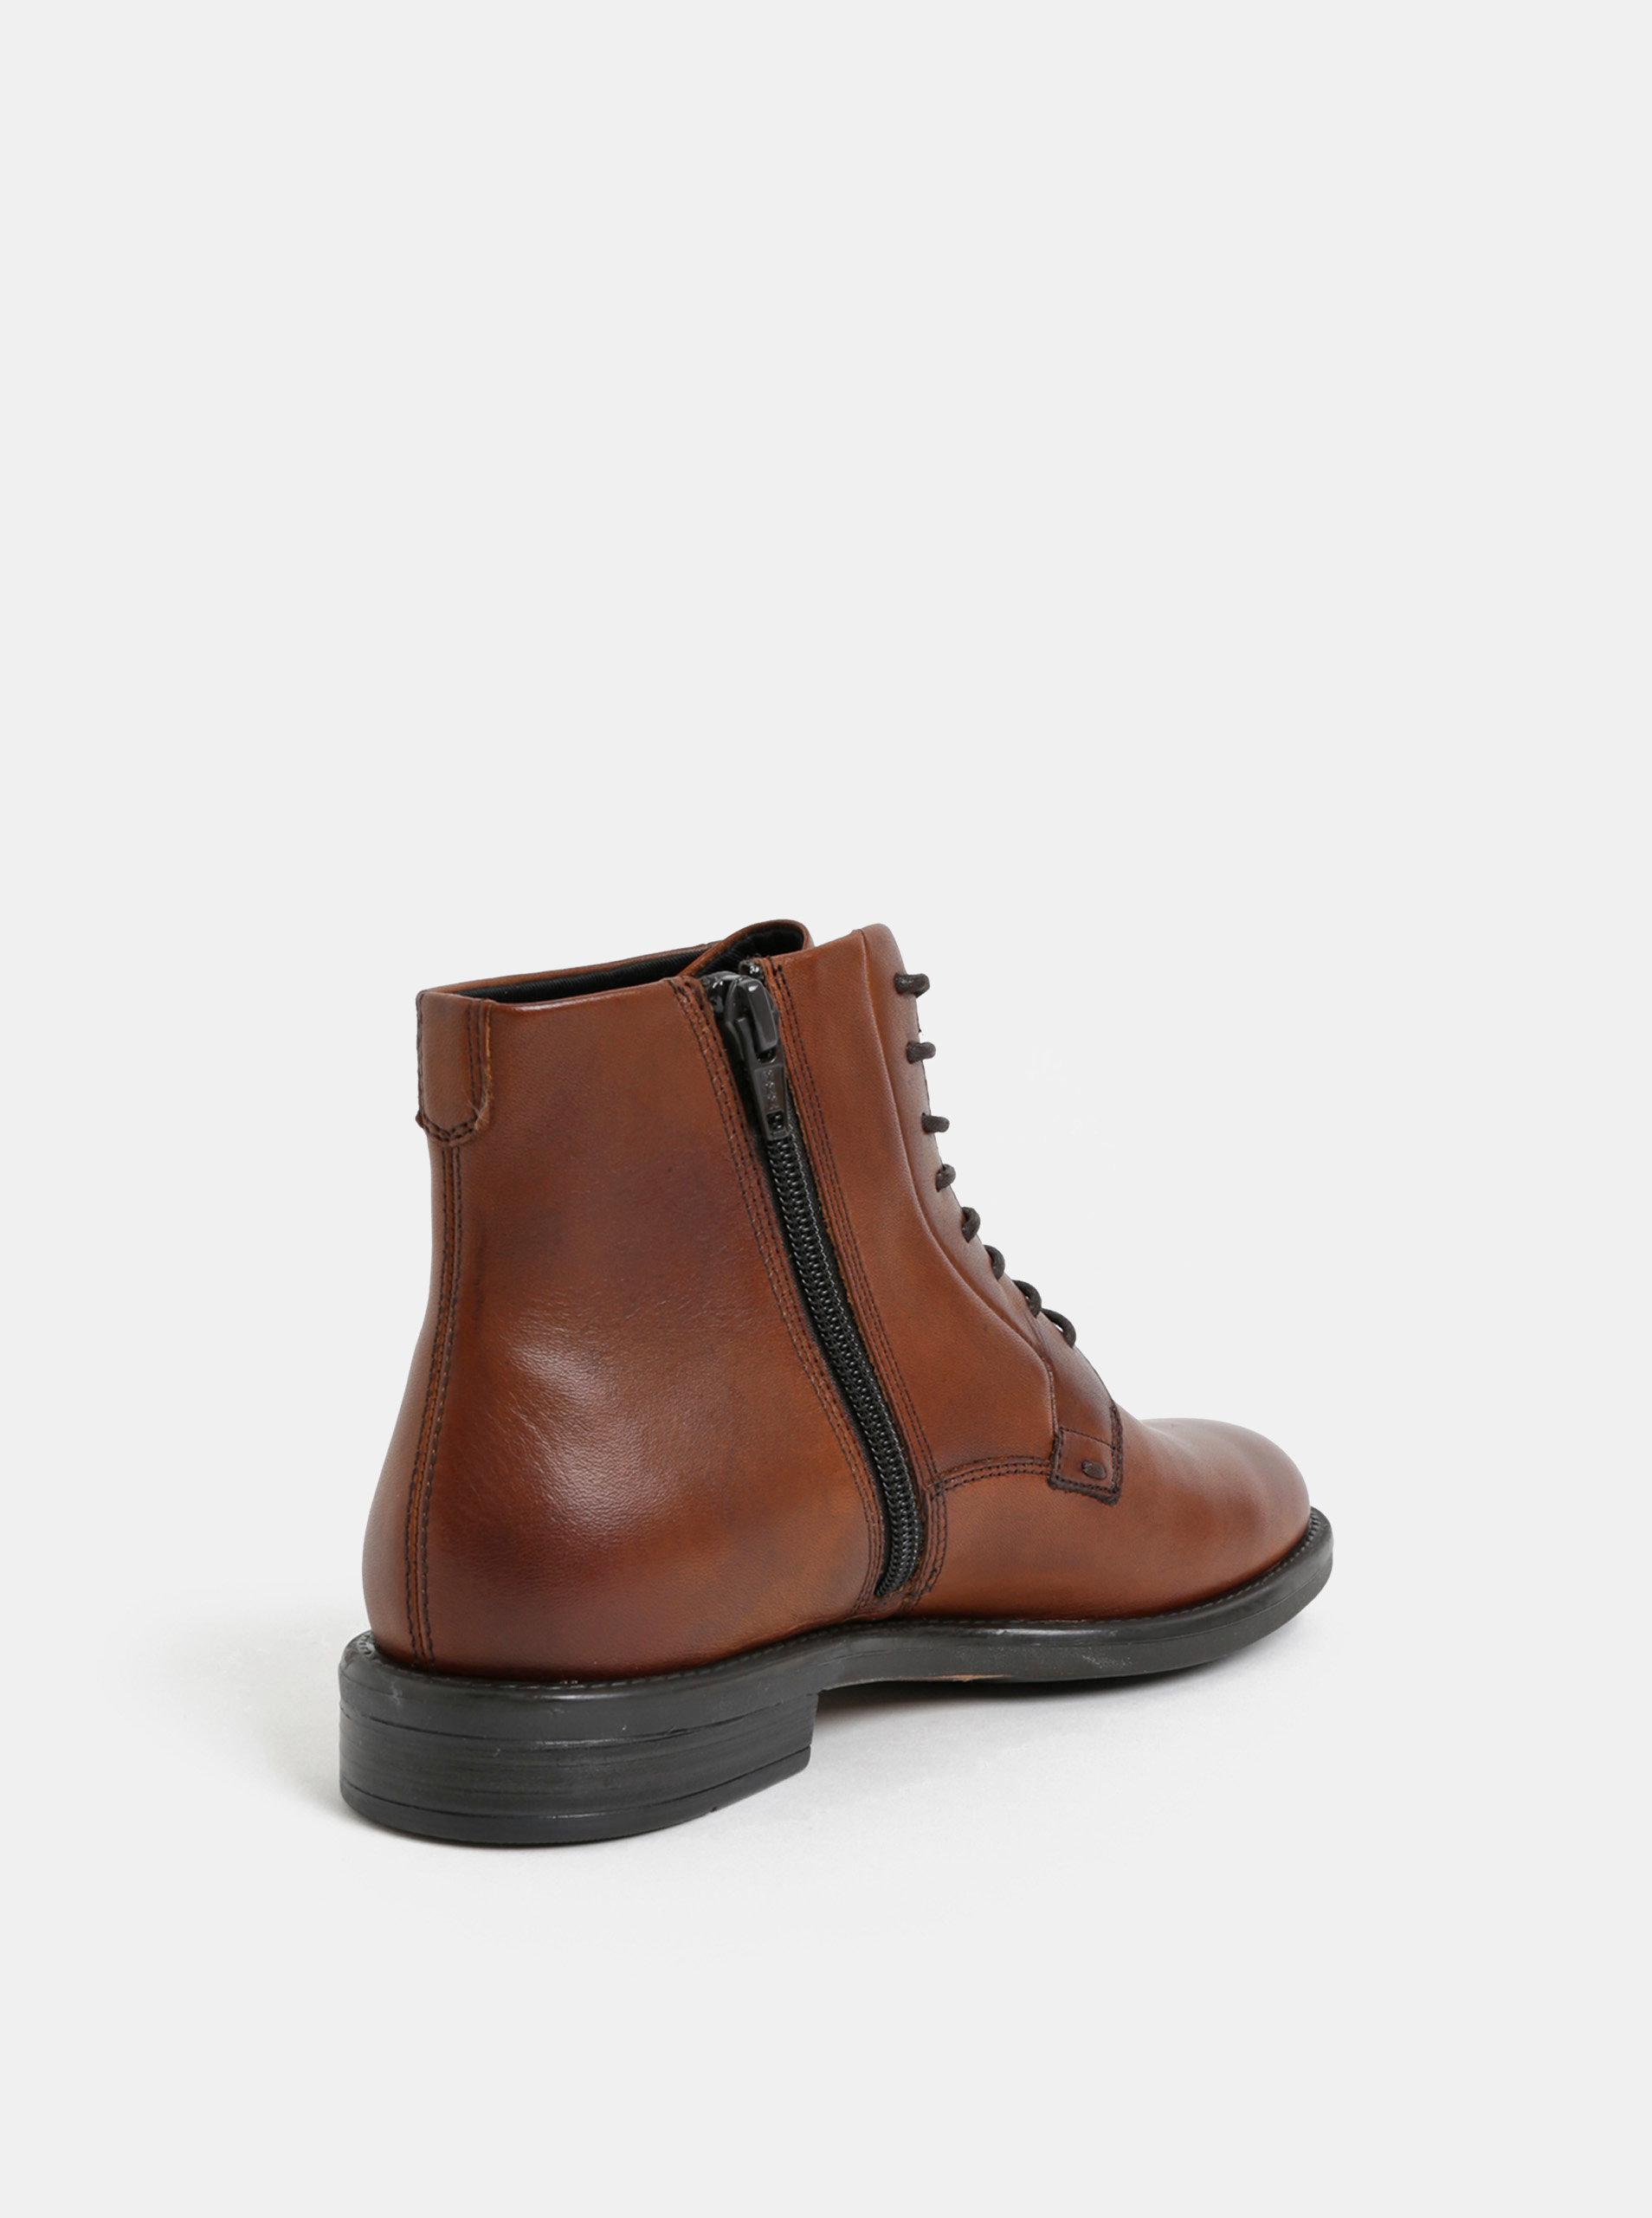 2a04c13788 Hnedé dámske kožené členkové topánky Vagabond Amina ...